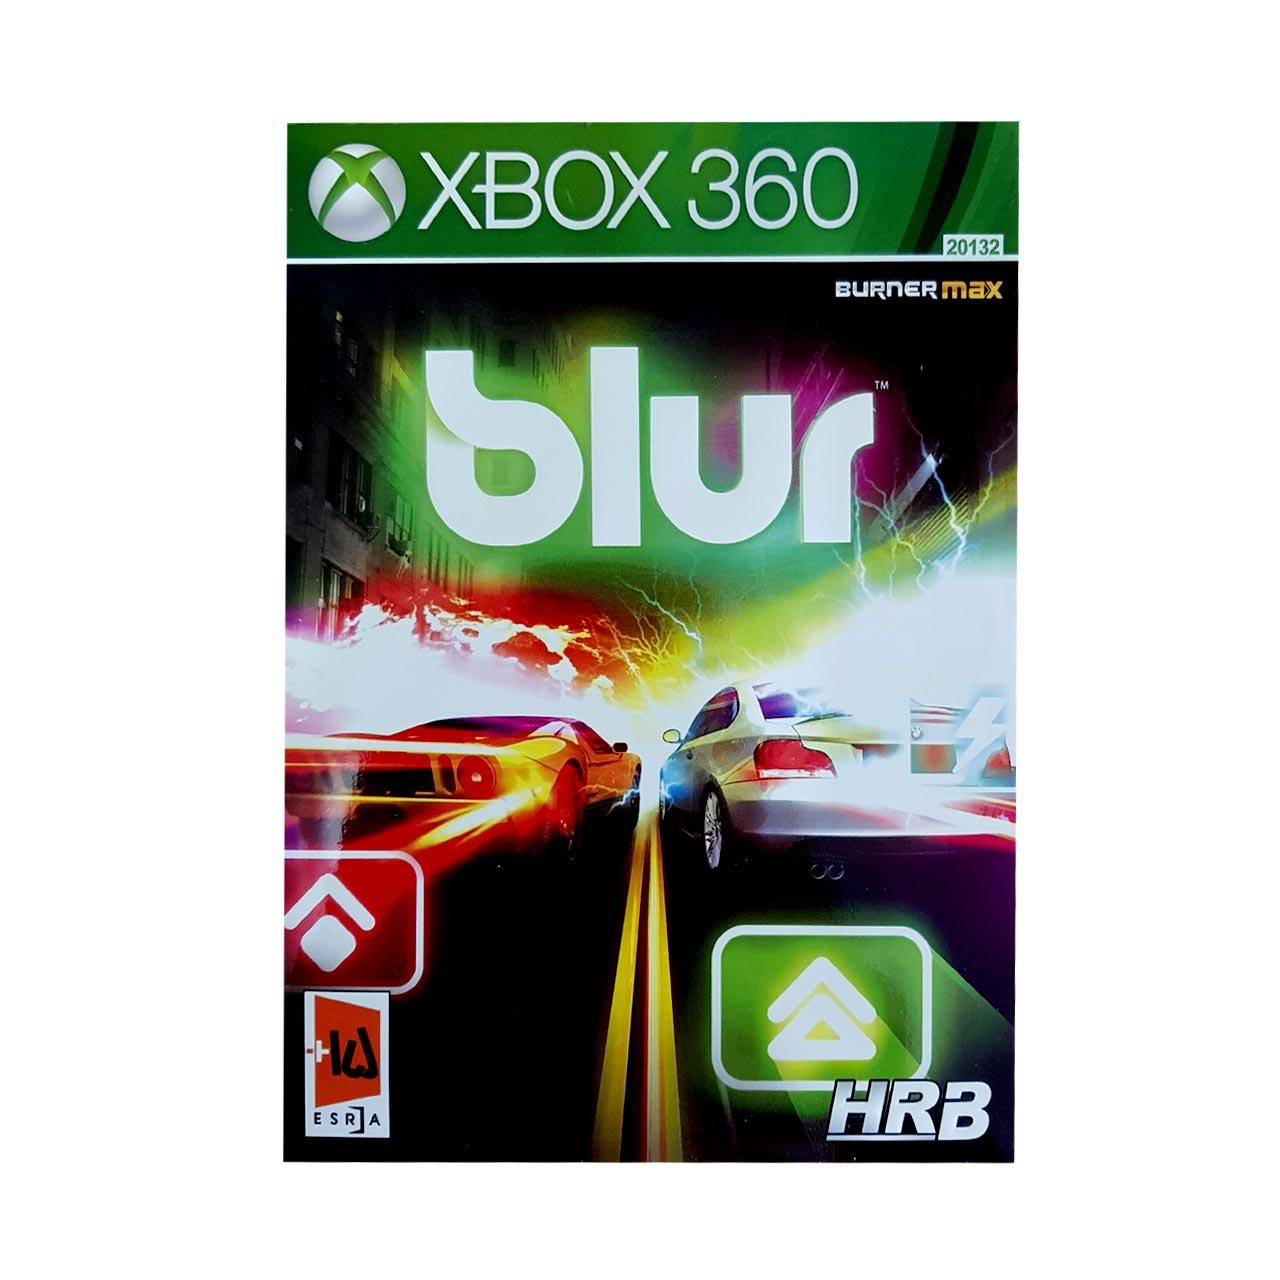 بررسی و {خرید با تخفیف} بازی BLUR مخصوص X box 360 اصل